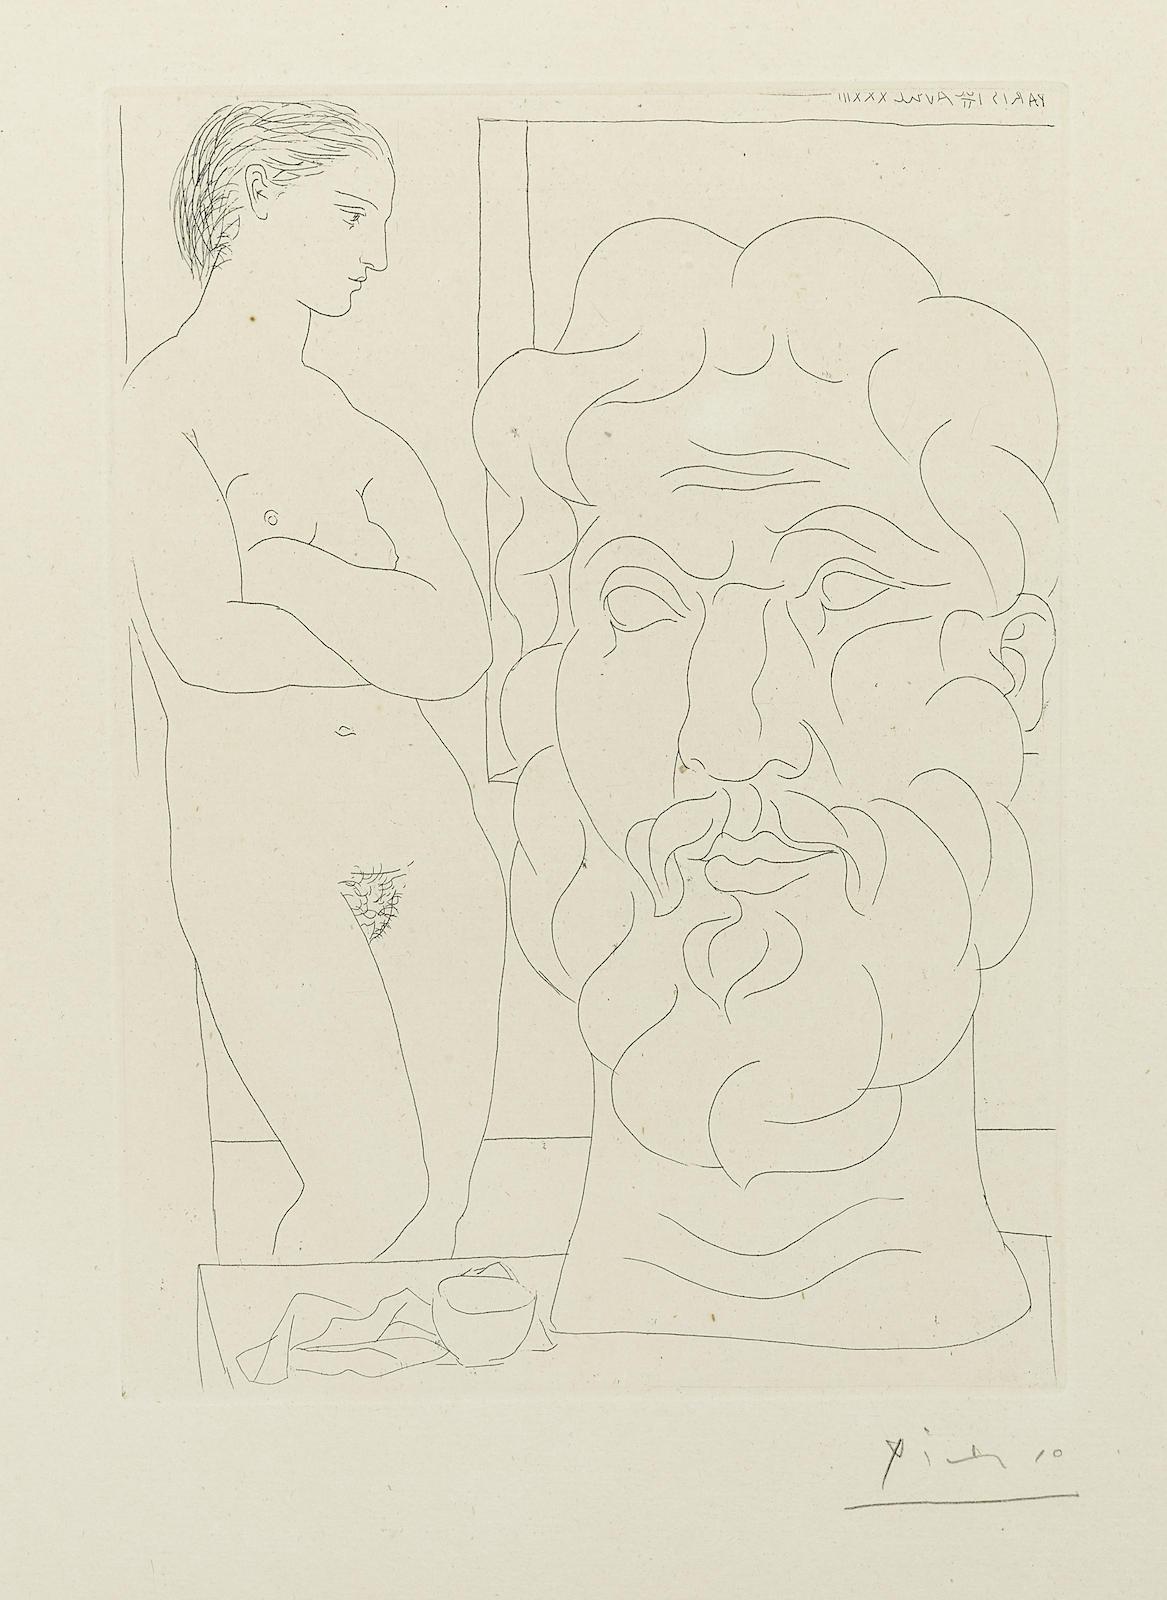 Pablo Picasso-Modèle et Grande Tête sculptée, pl. 61, from La Suite Vollard (B. 170; Ba. 323)-1933